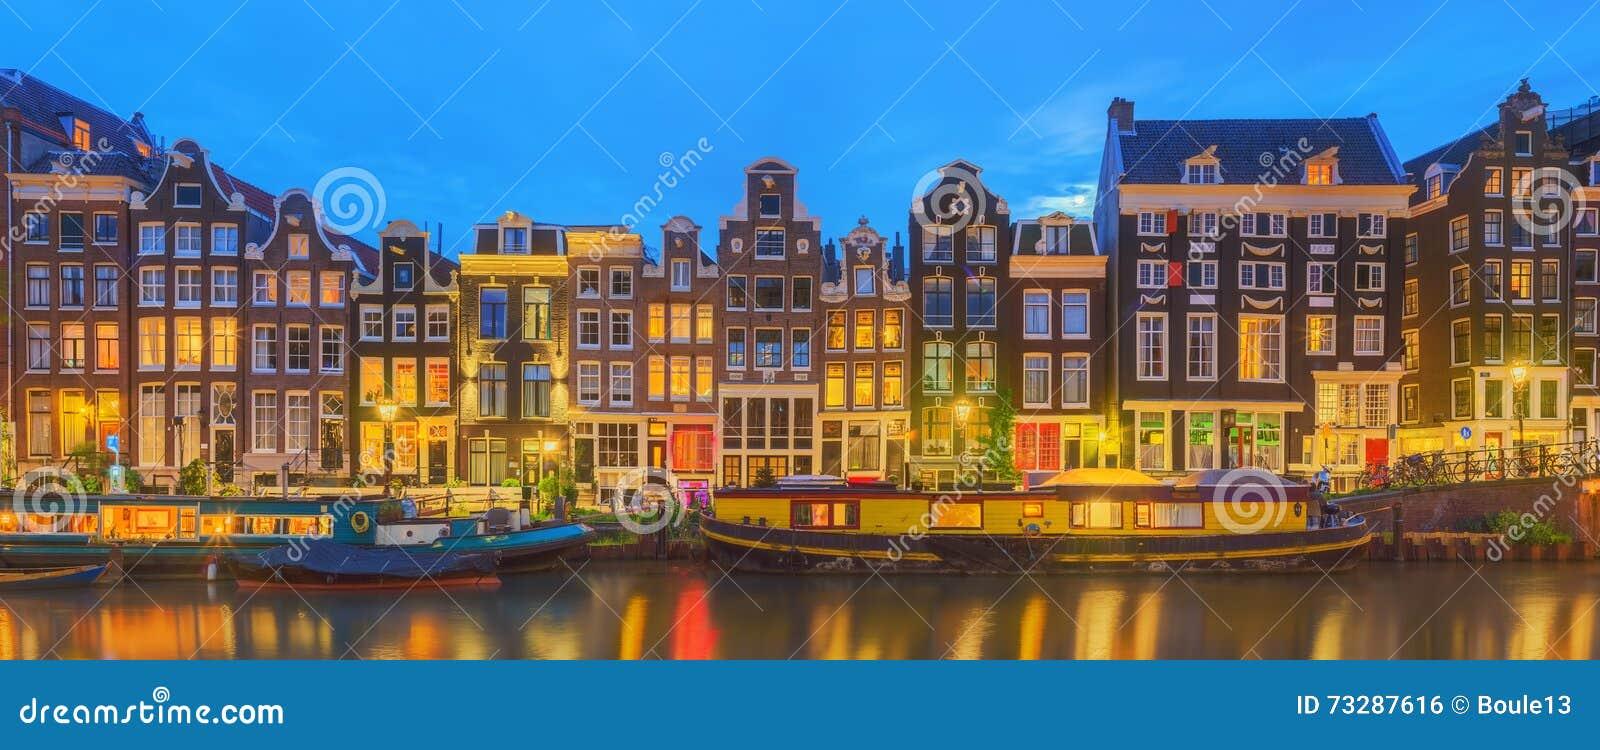 Fiume di Amstel, canali e vista di notte di bella città di Amsterdam netherlands